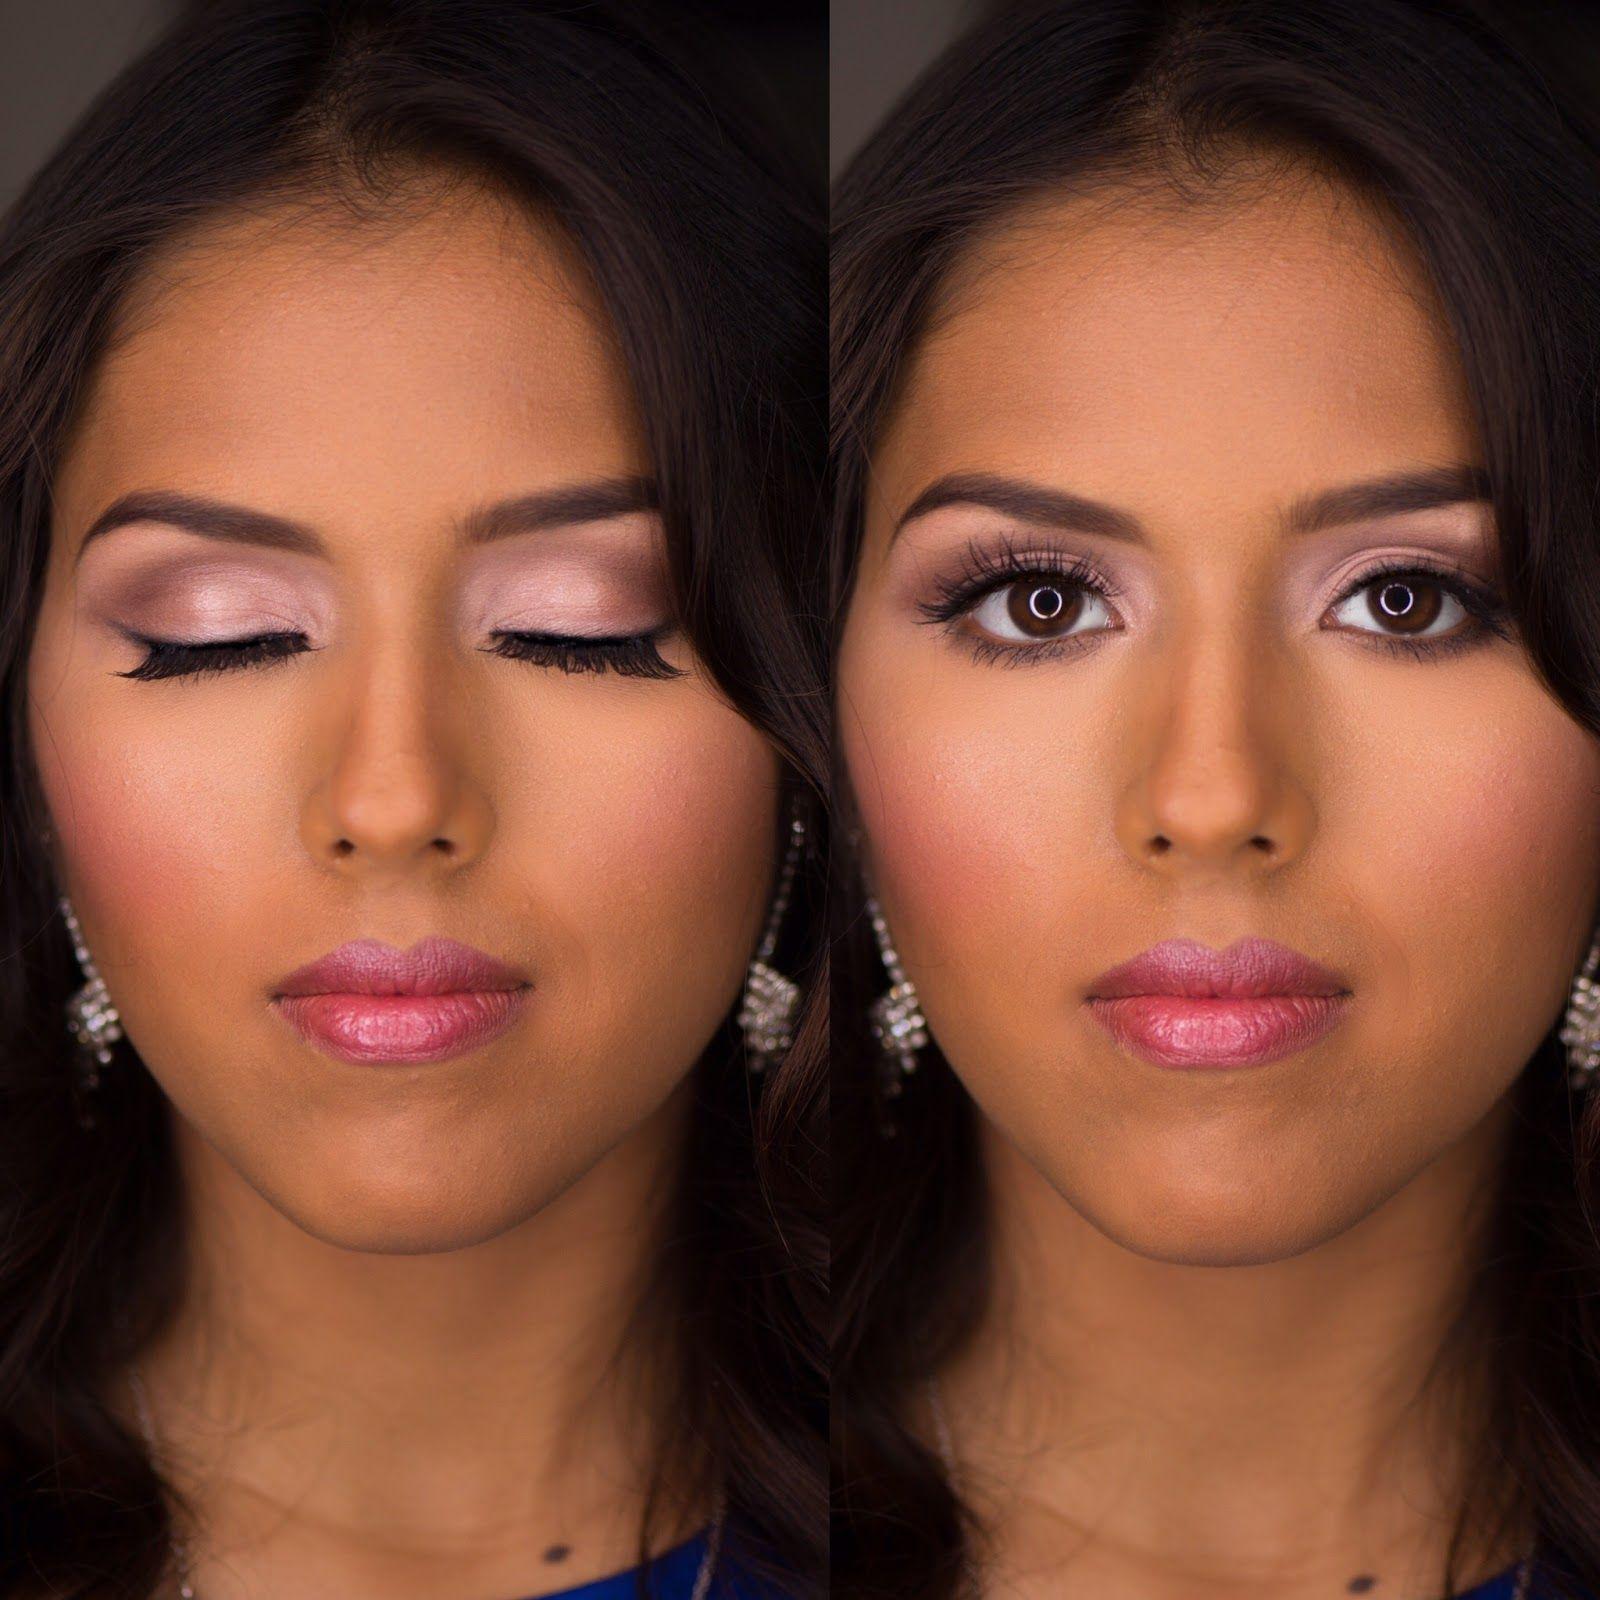 Hispanic makeup San Antonio Makeup artist natural makeup